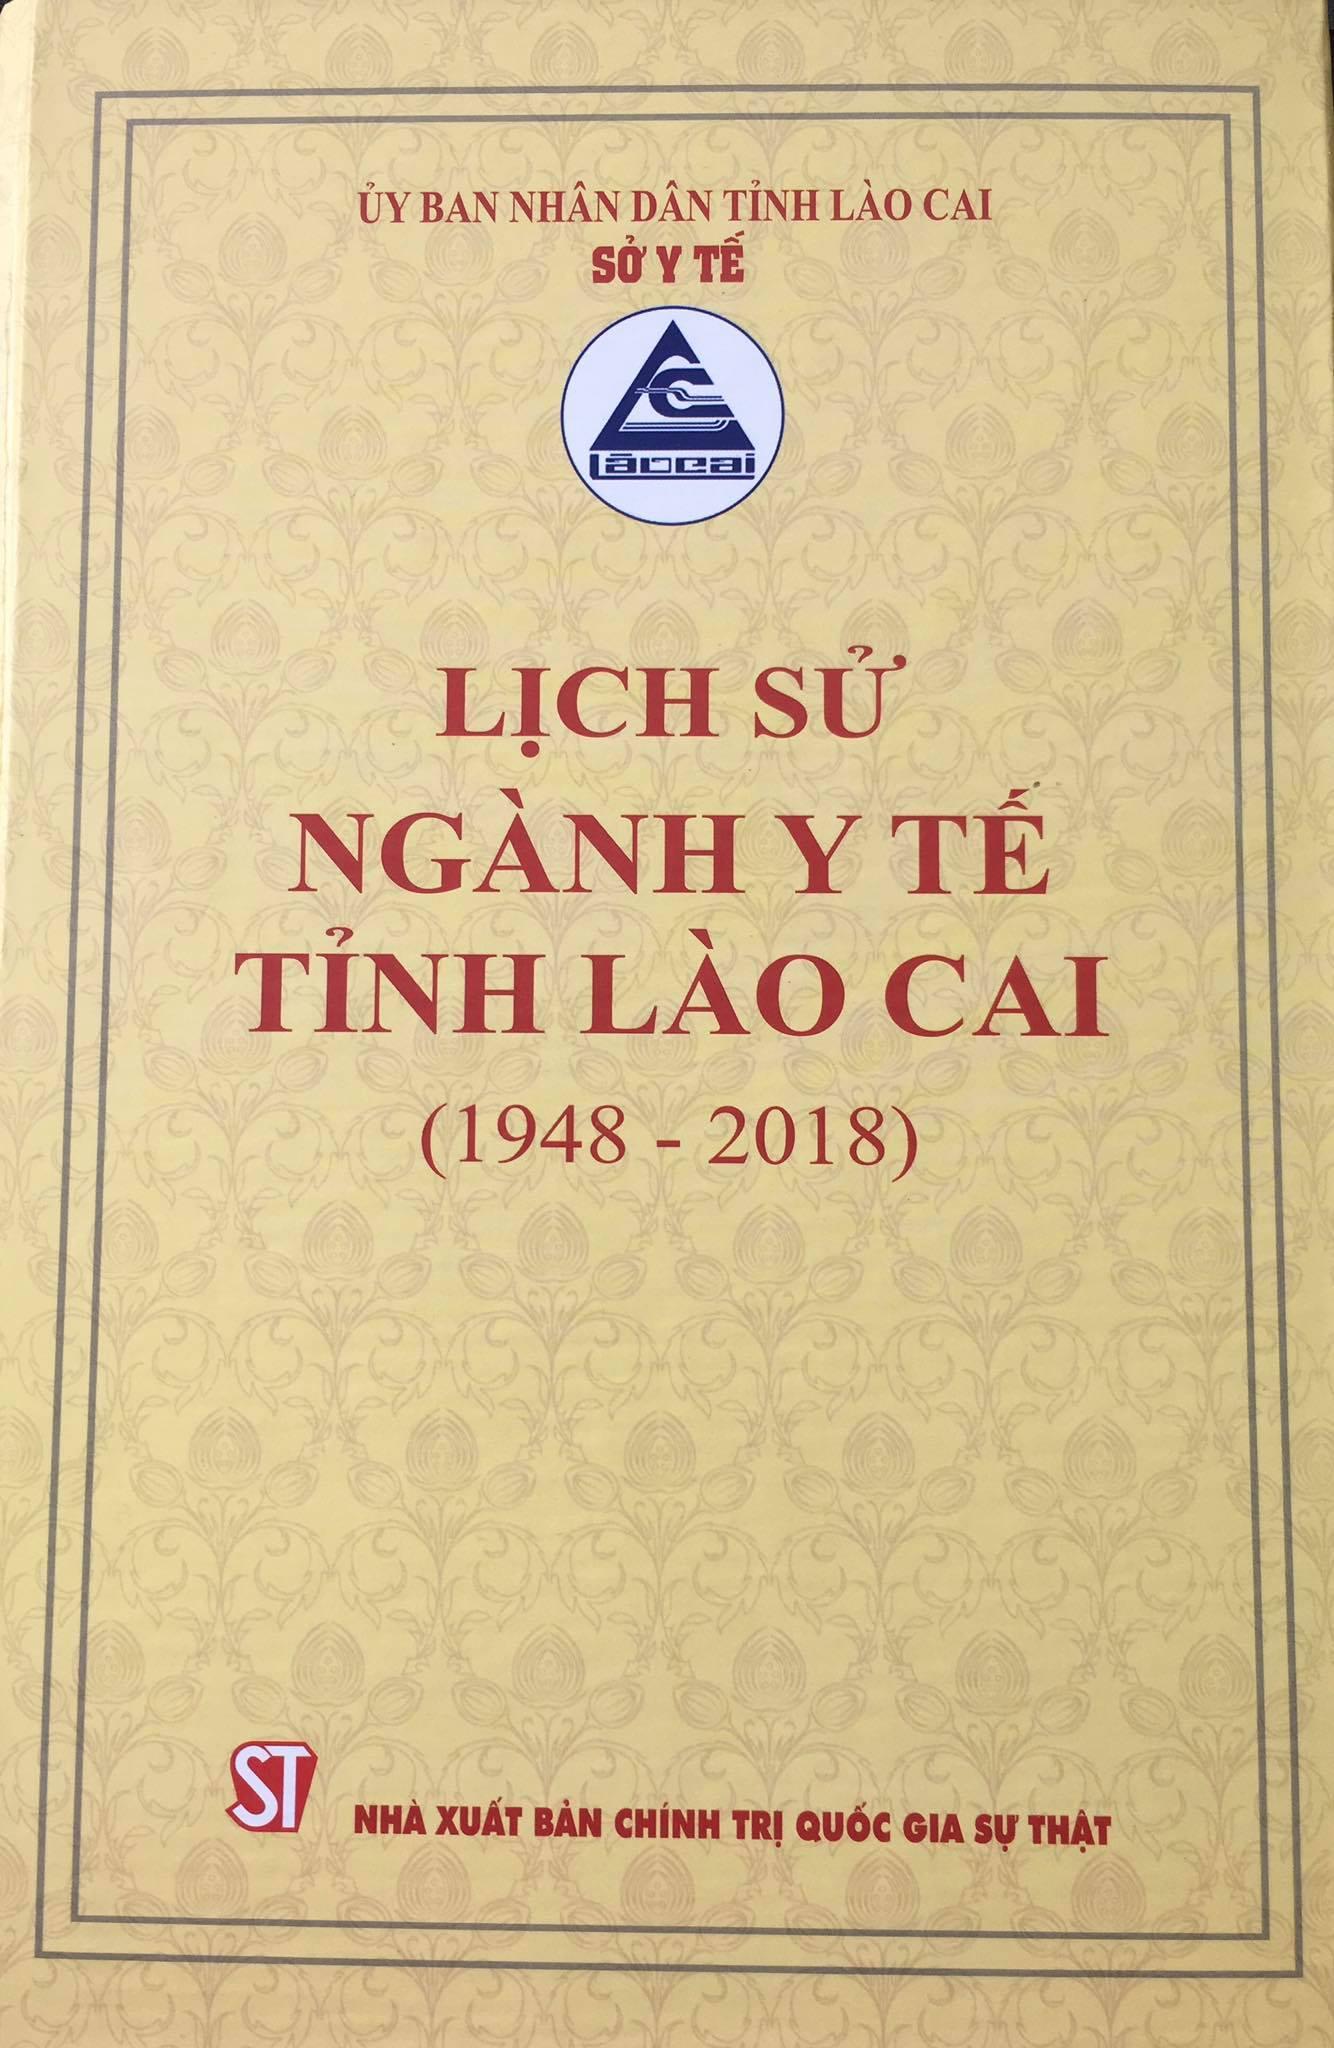 Lịch sử ngành Y tế tỉnh Lào Cai (1948 - 2018)